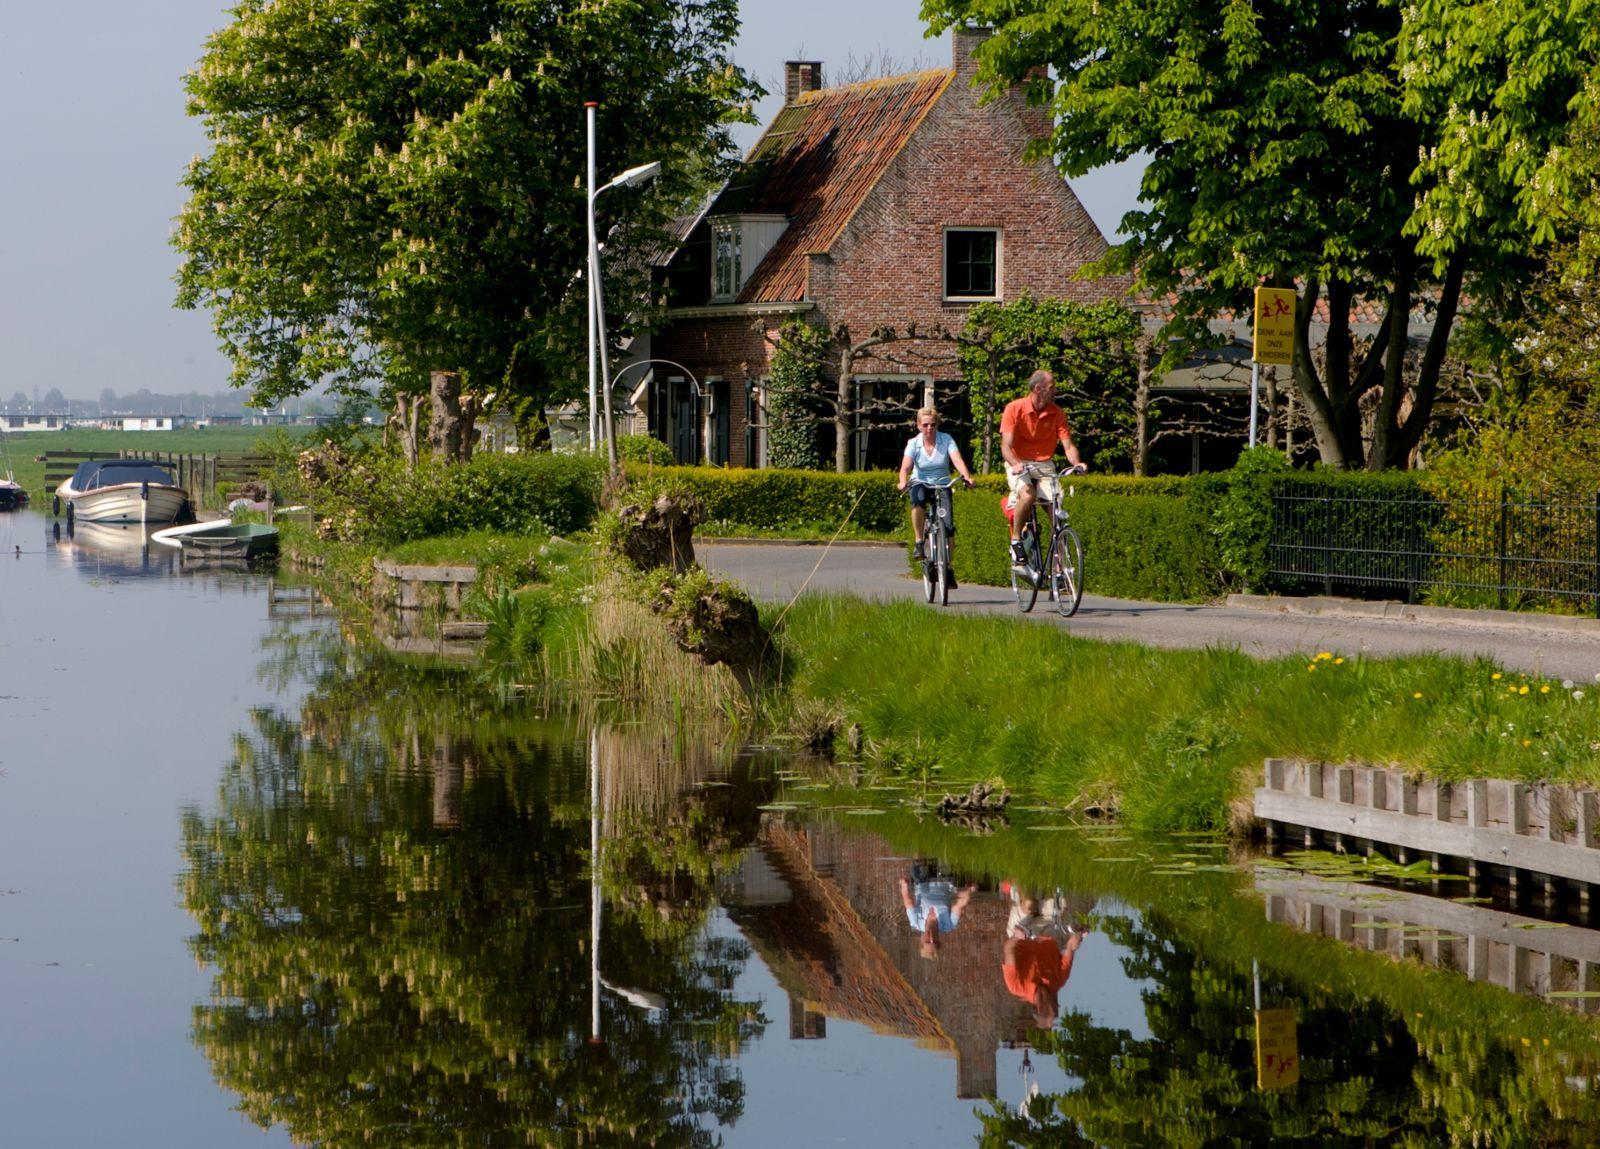 foto Alkemade - foto hollandcom